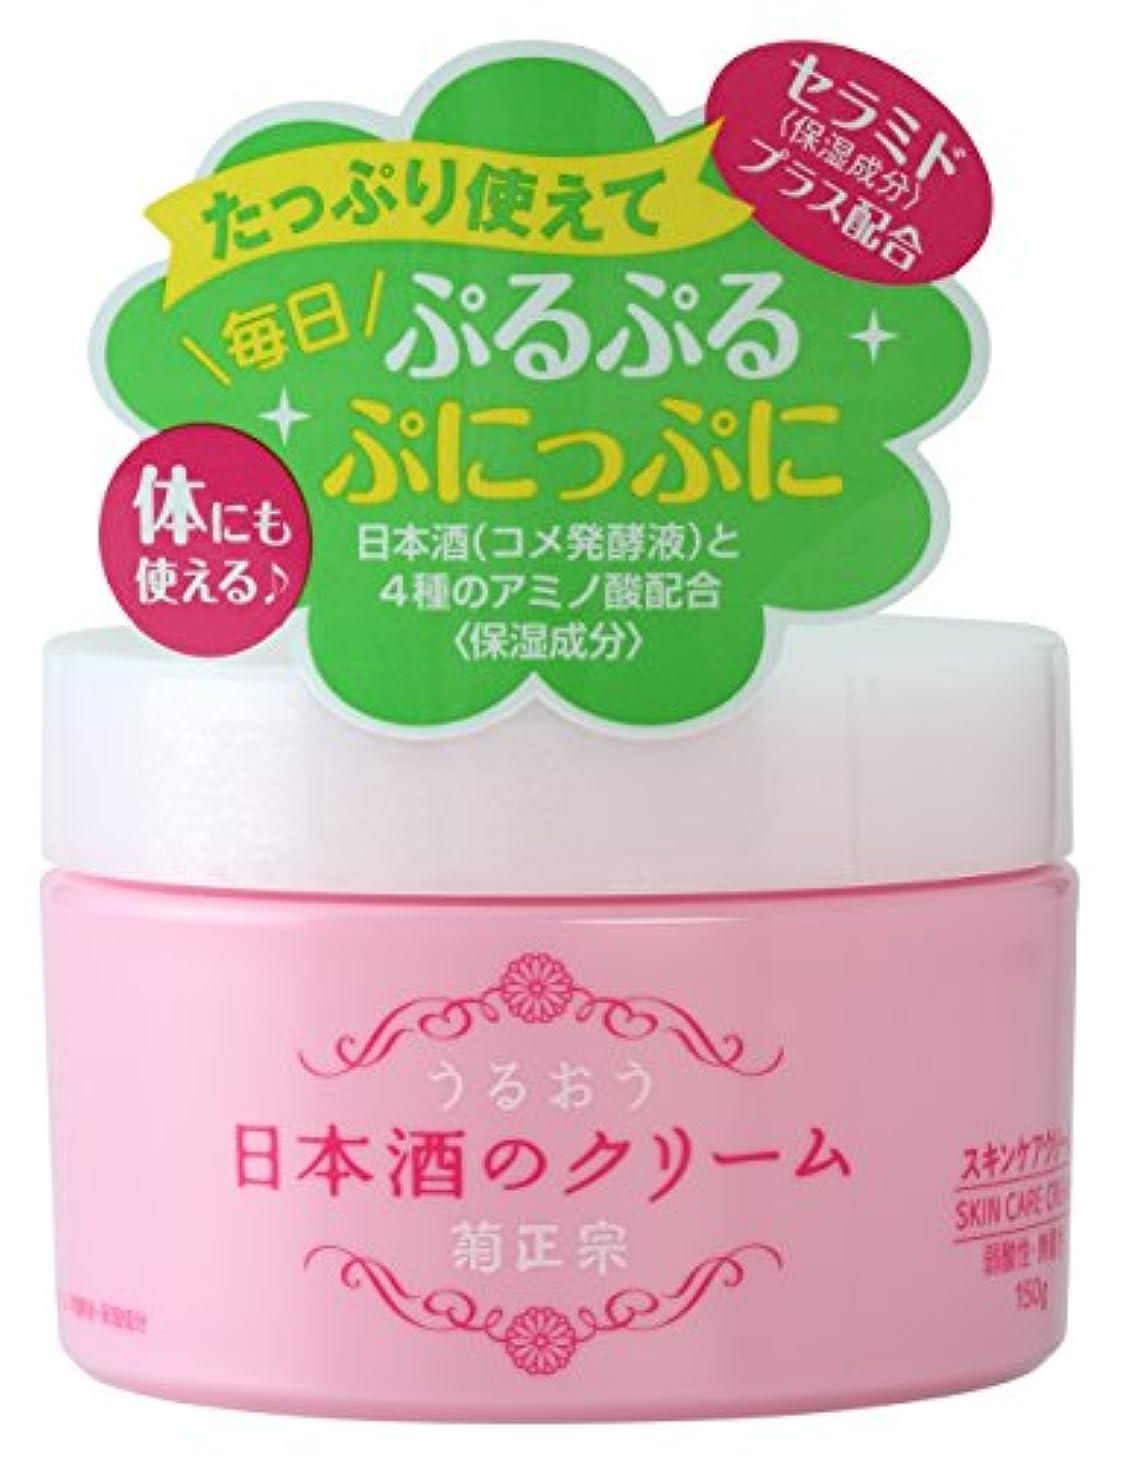 厚さ凝視成果菊正宗 日本酒のクリーム 150g